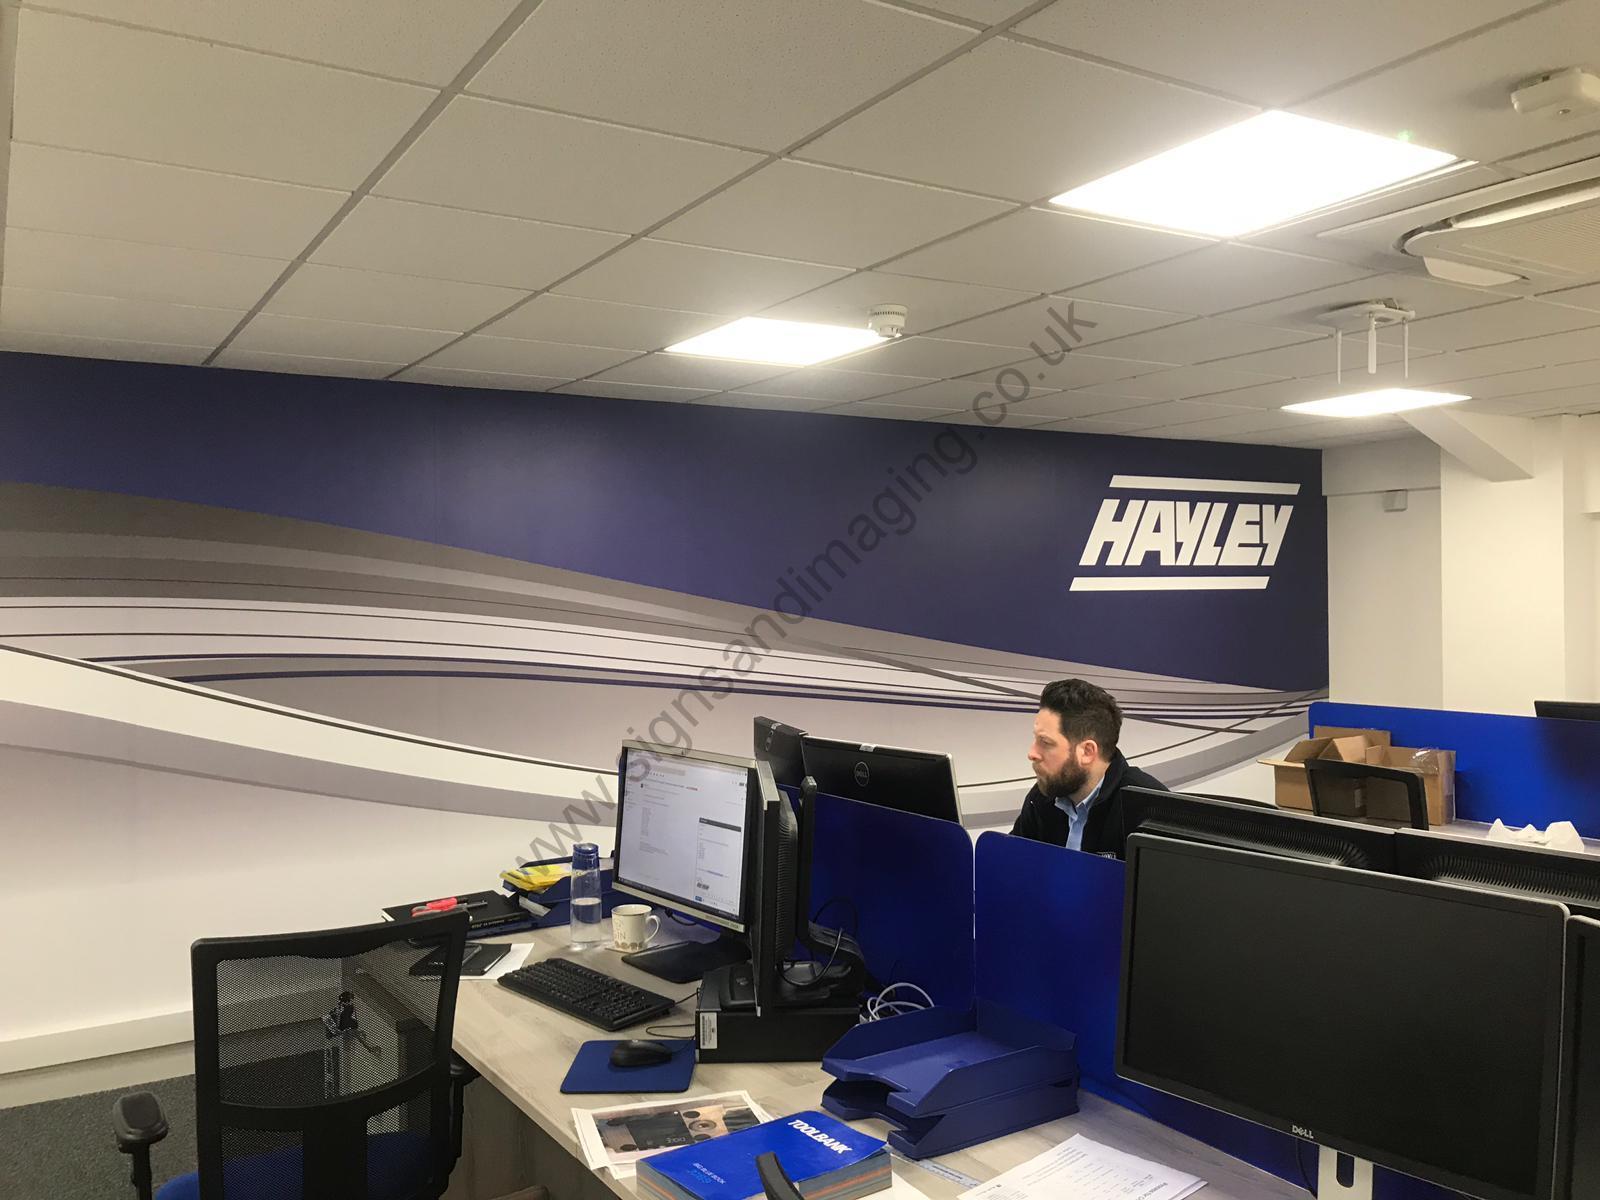 Hayley Derby Internal wall wrap-1